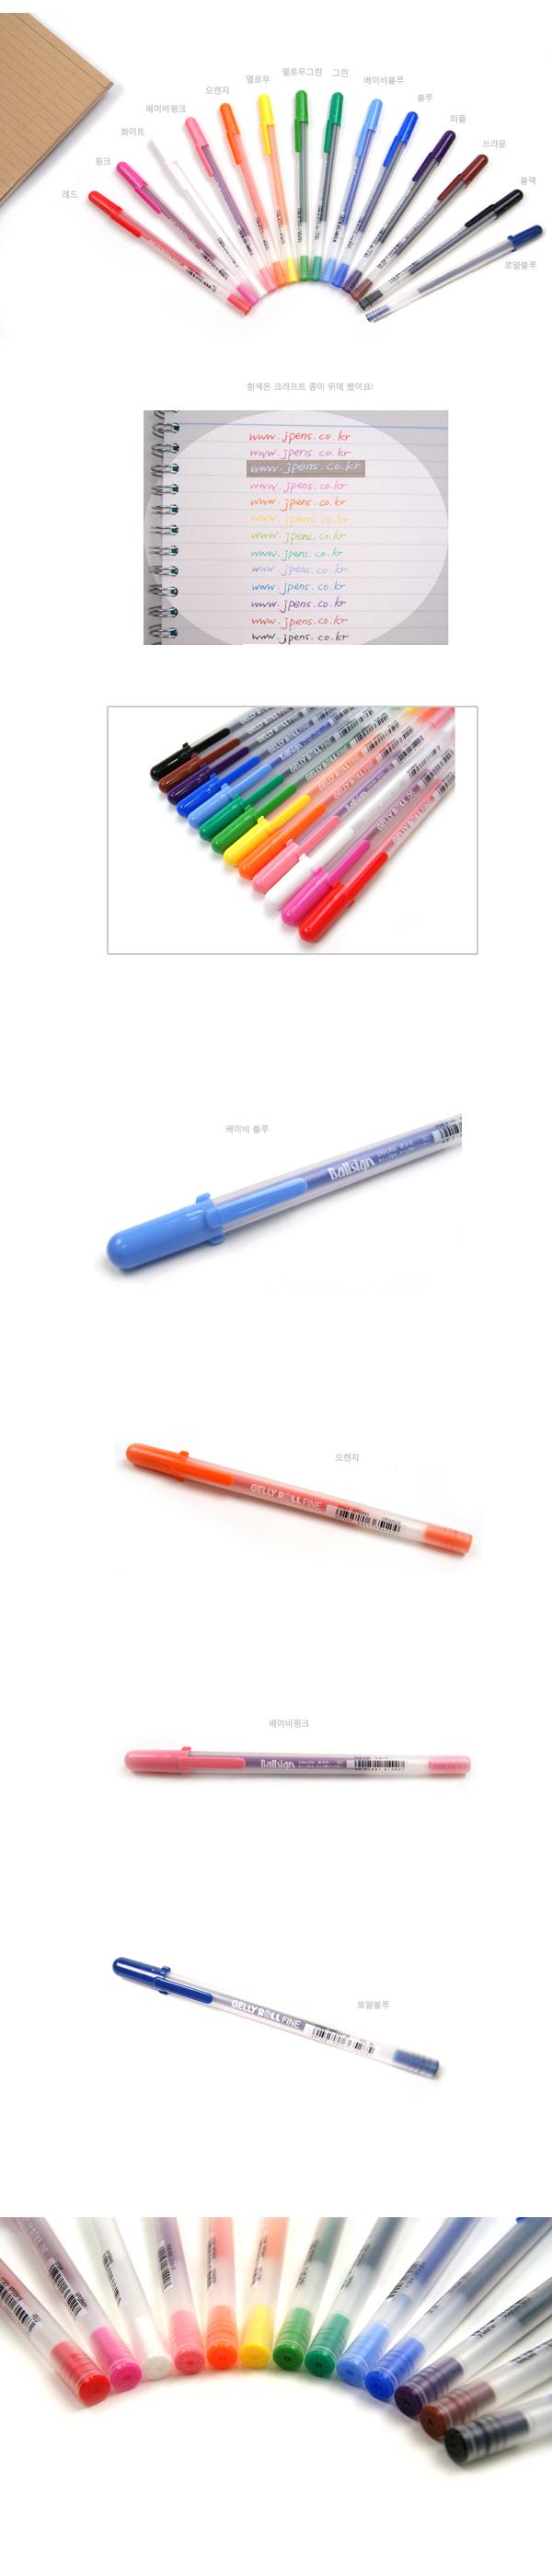 사쿠라 젤리롤 젤잉크펜(14컬러) - 제이펜즈, 1,500원, 데코펜, 젤리펜